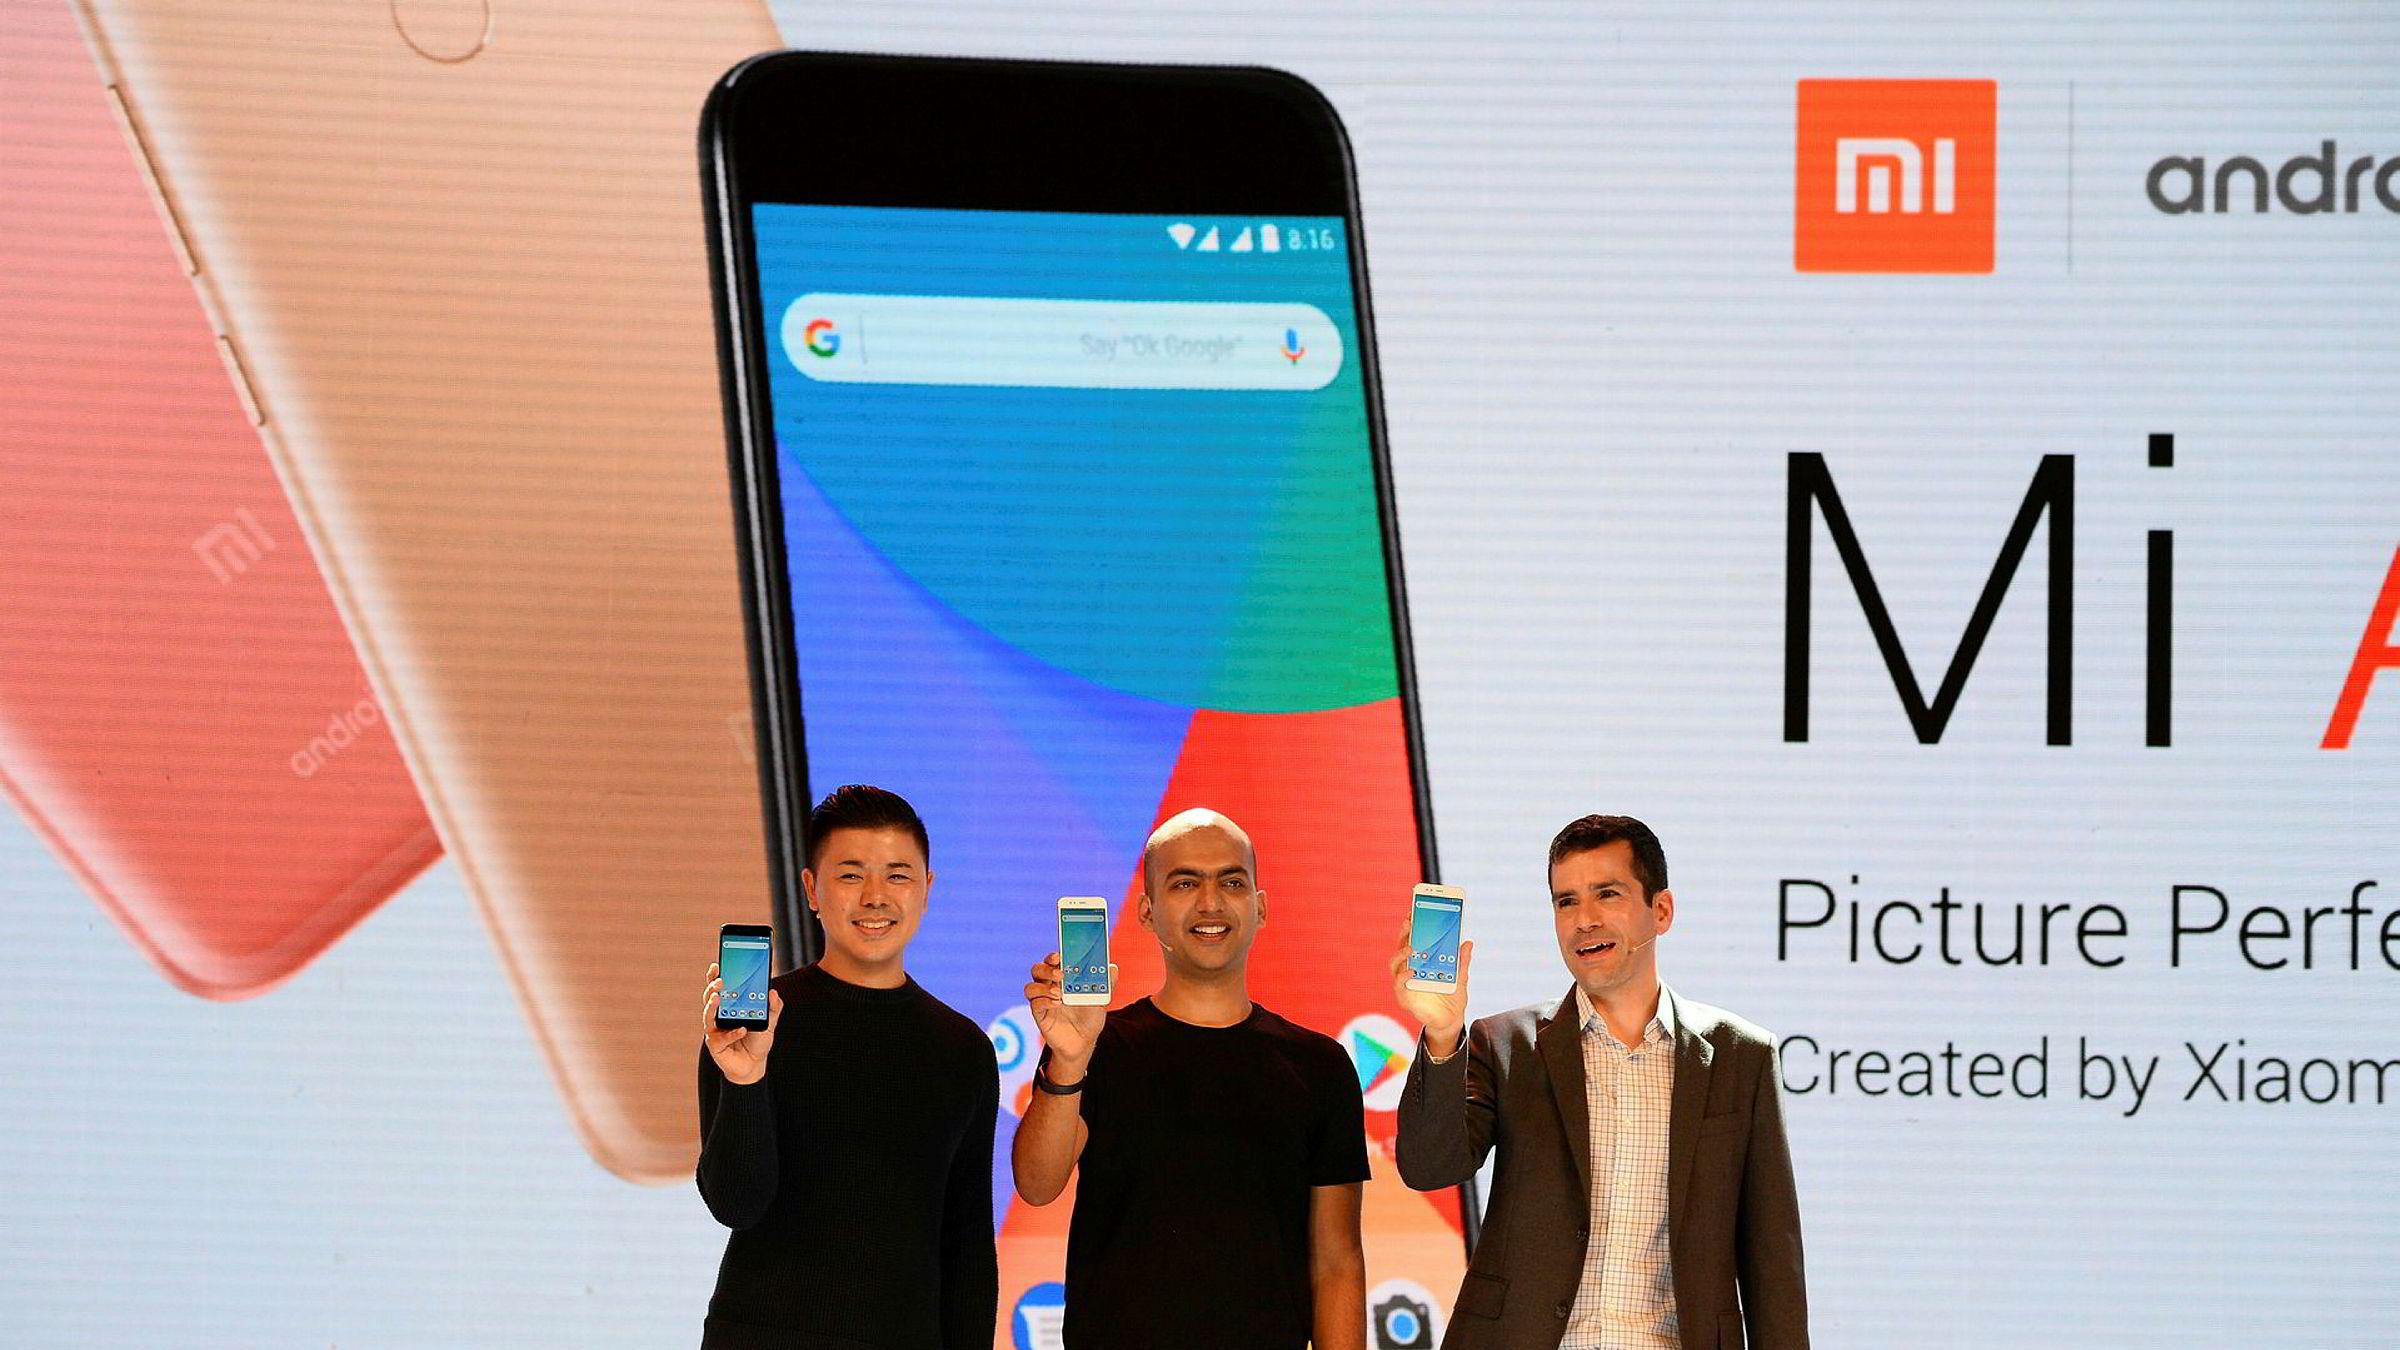 Den kinesiske smarttelefonprodusenten Xiaomi har lansert nye modeller i forkant av Apples Iphone-lanseringer på tirsdag – til lavpris.